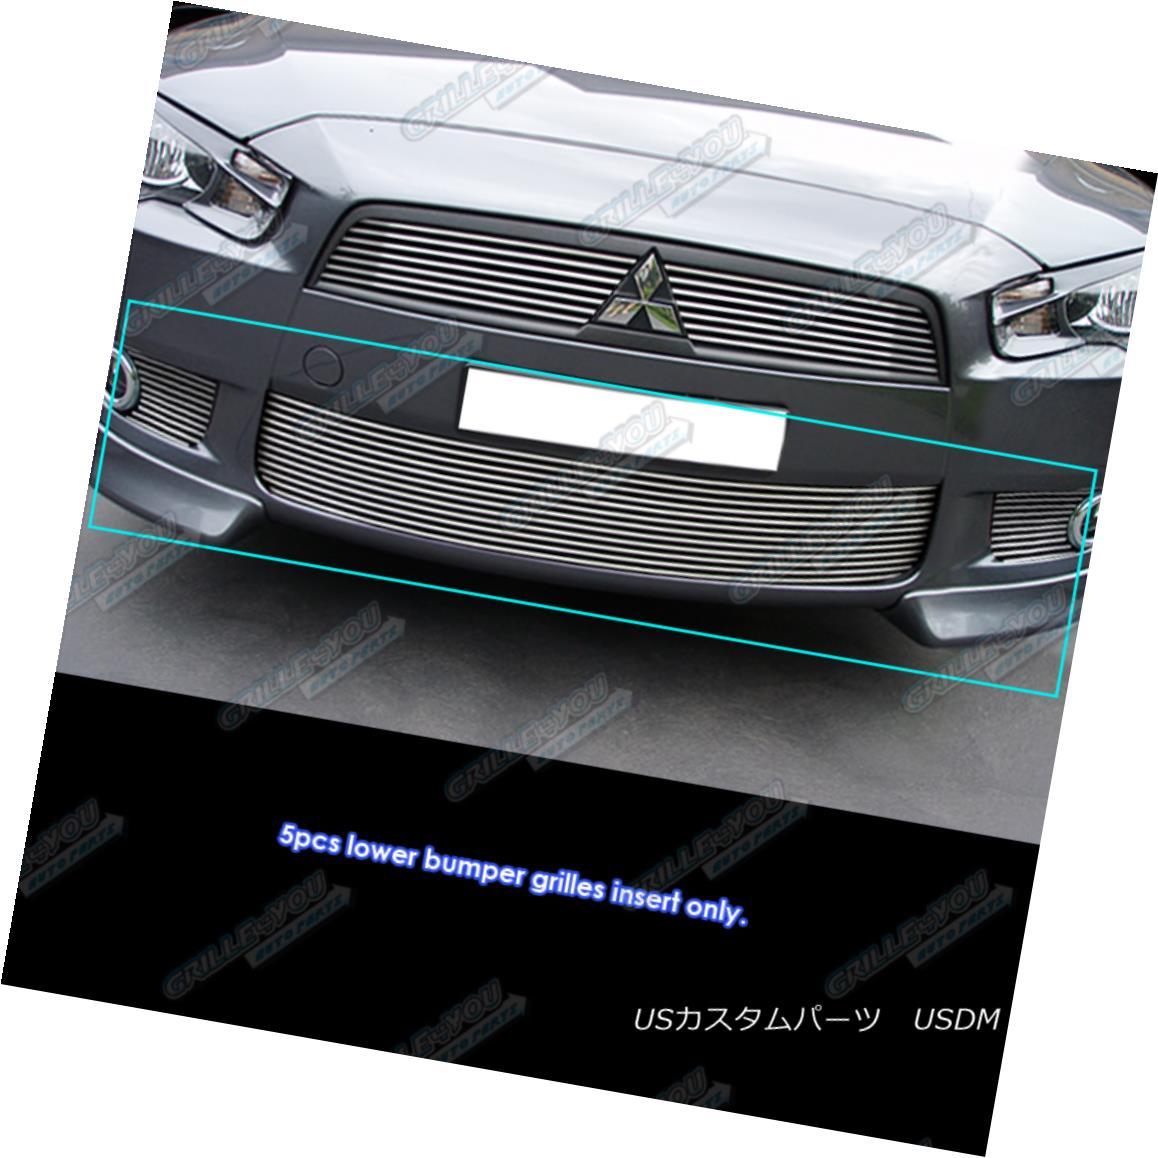 グリル Fits 2008-2015 Mitsubishi Lancer With Fog Light Bumper Grille Insert フィット2008-2015三菱ランサーフォグライトバンパーグリルインサート